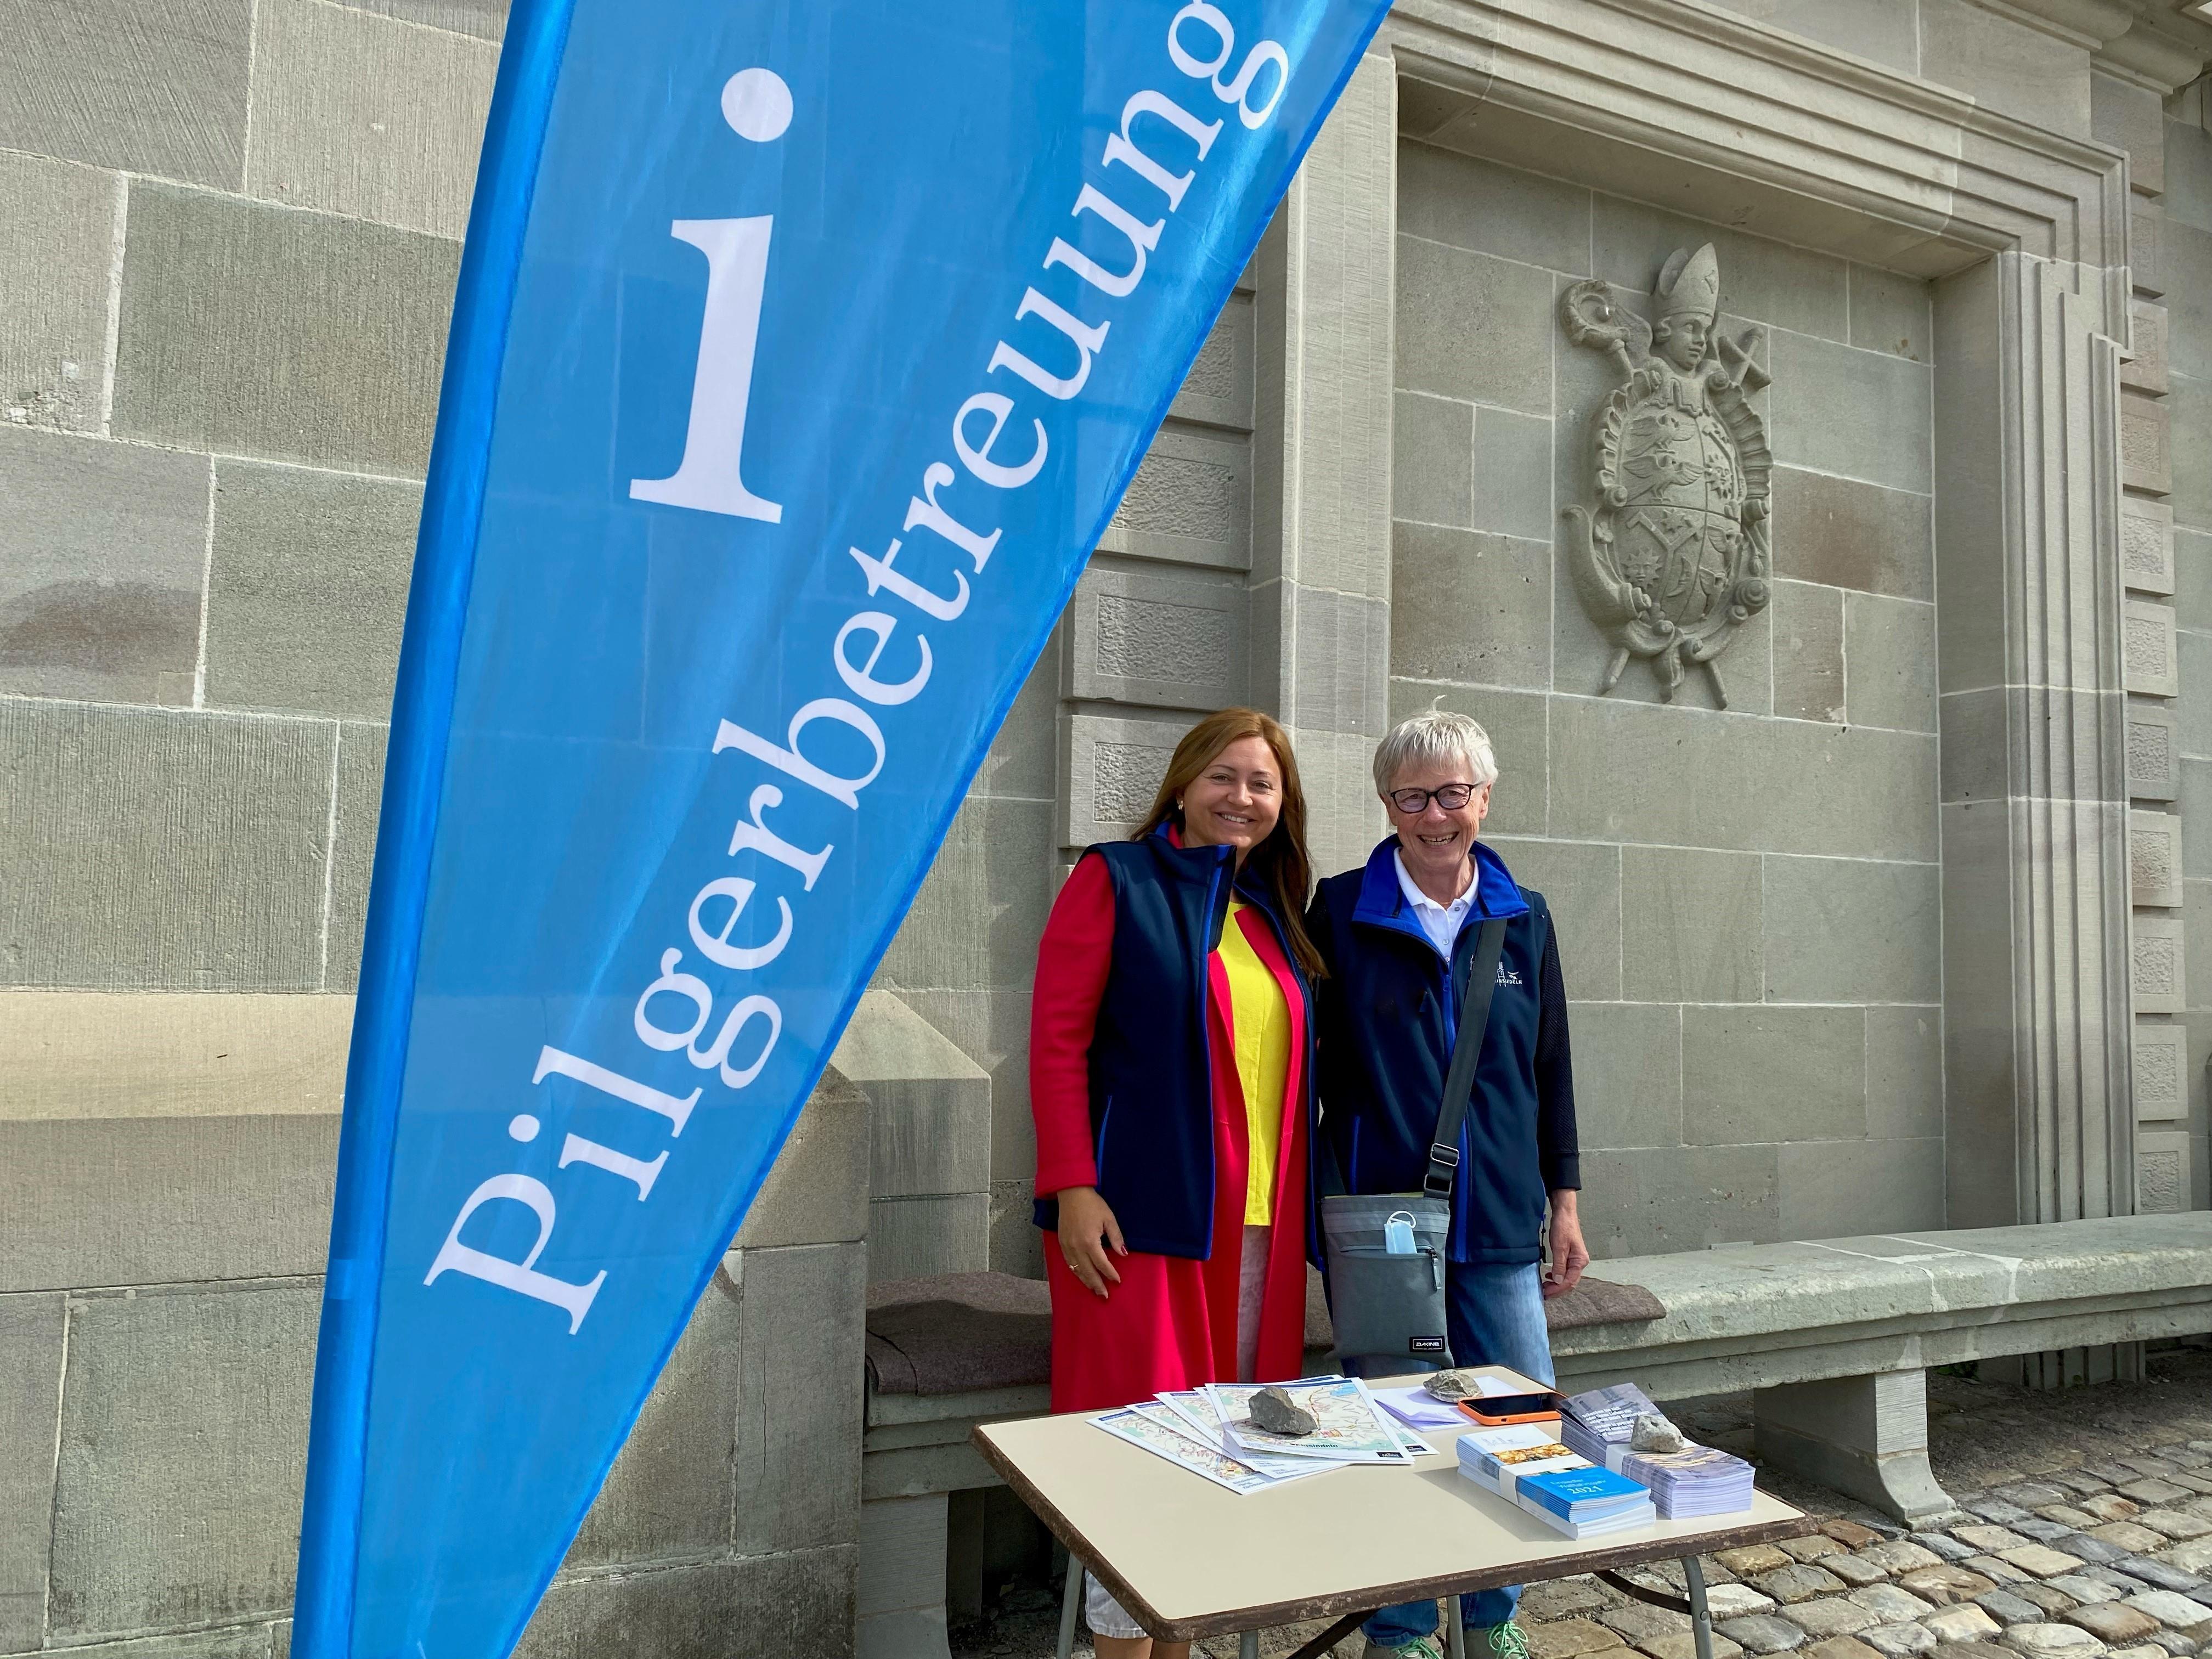 Zwei freundliche Pilgerbetreuerinnen vor der Klosterkirche. Seit Kurzem weist eine Fahne auf das Angebot der Pilgerbetreuung hin. Die Frauen und Männer sind jeweils zu zweit im Einsatz.